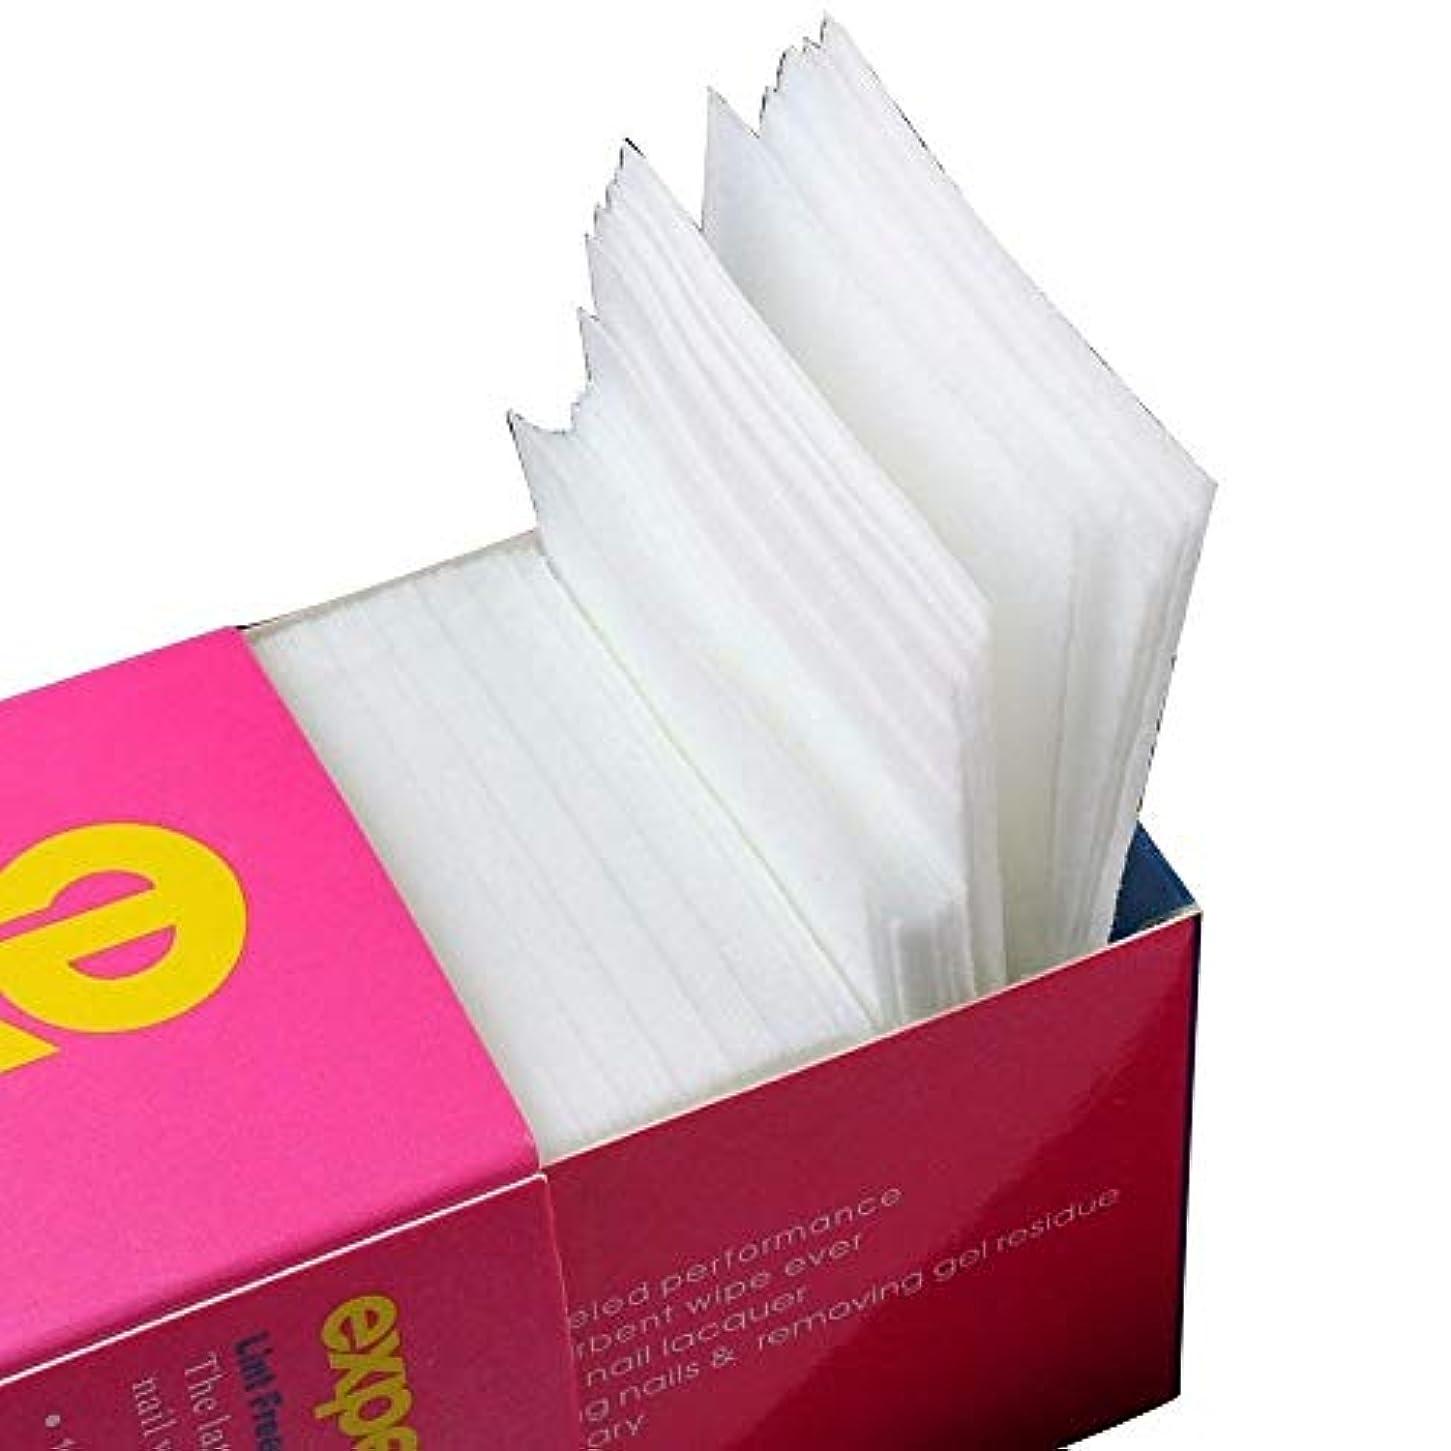 インストラクター脚本家皮1st market 大人気 ネイル ワイプ コットン 天然素材 不織布 ジェルの拭き取り 油分除去 クリーニング 320枚以上 高品質